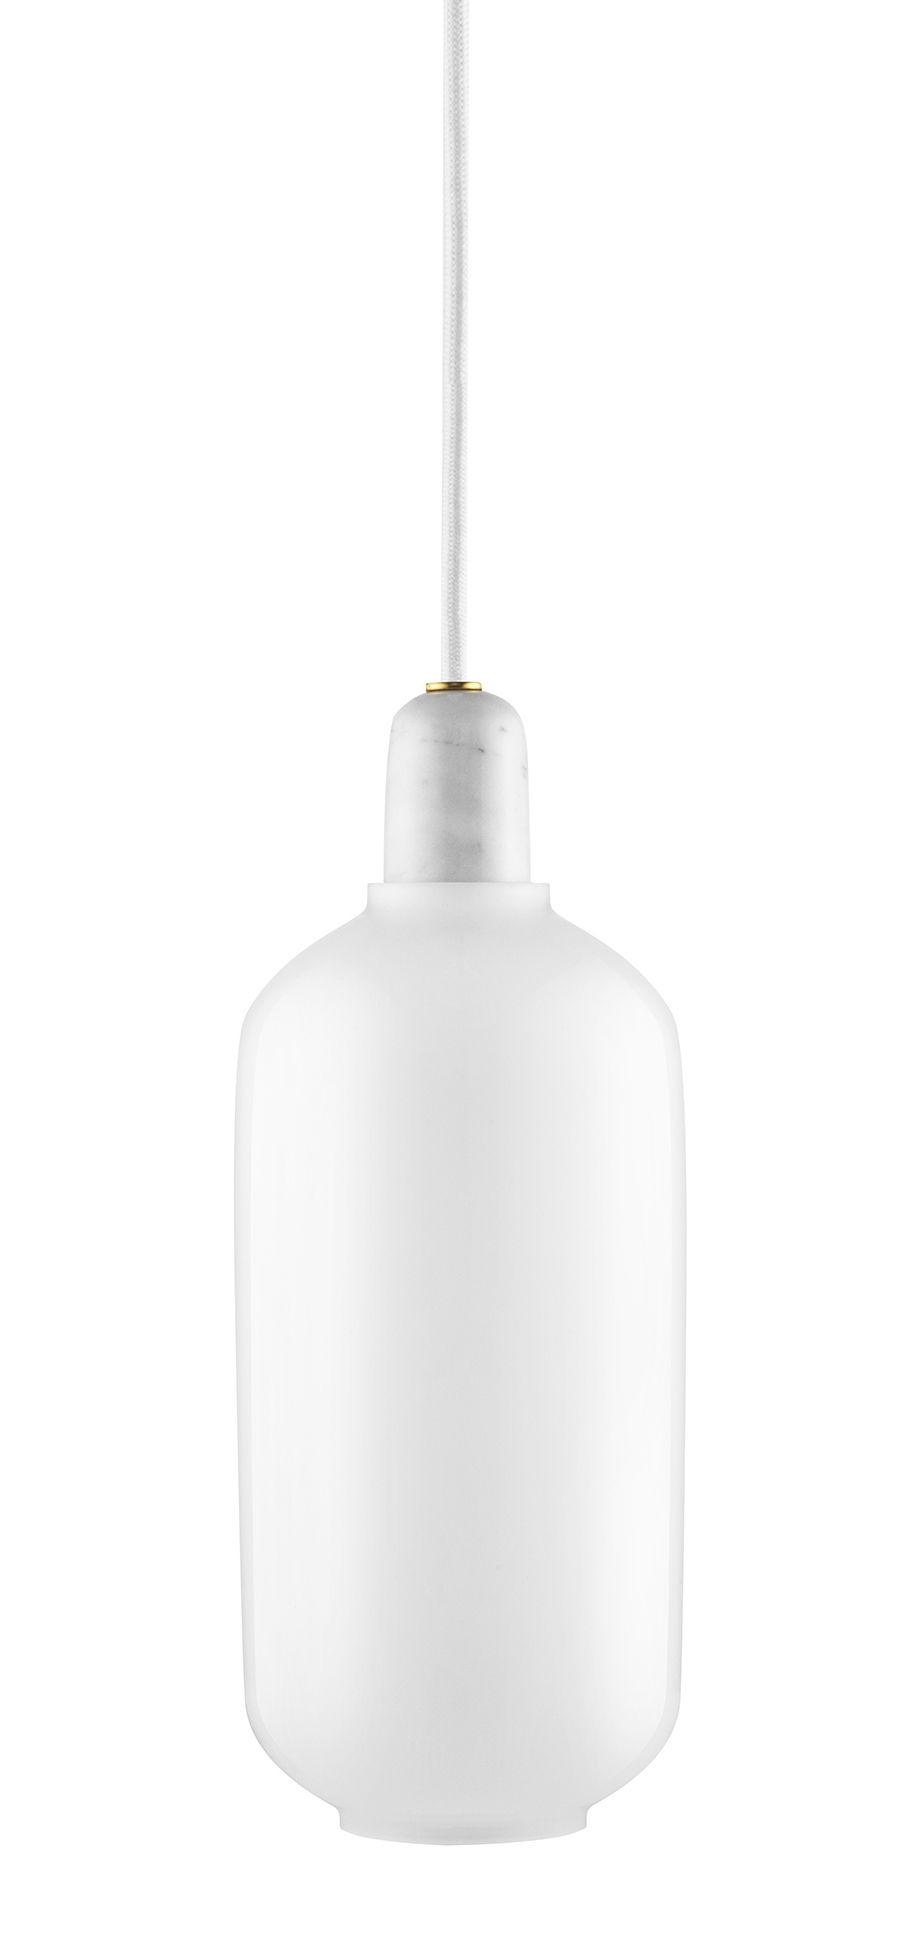 Amp Lanp Sispansyon Gwo - Ø 11 x H 26 cm Blan Normann Copenhagen Simon Legald